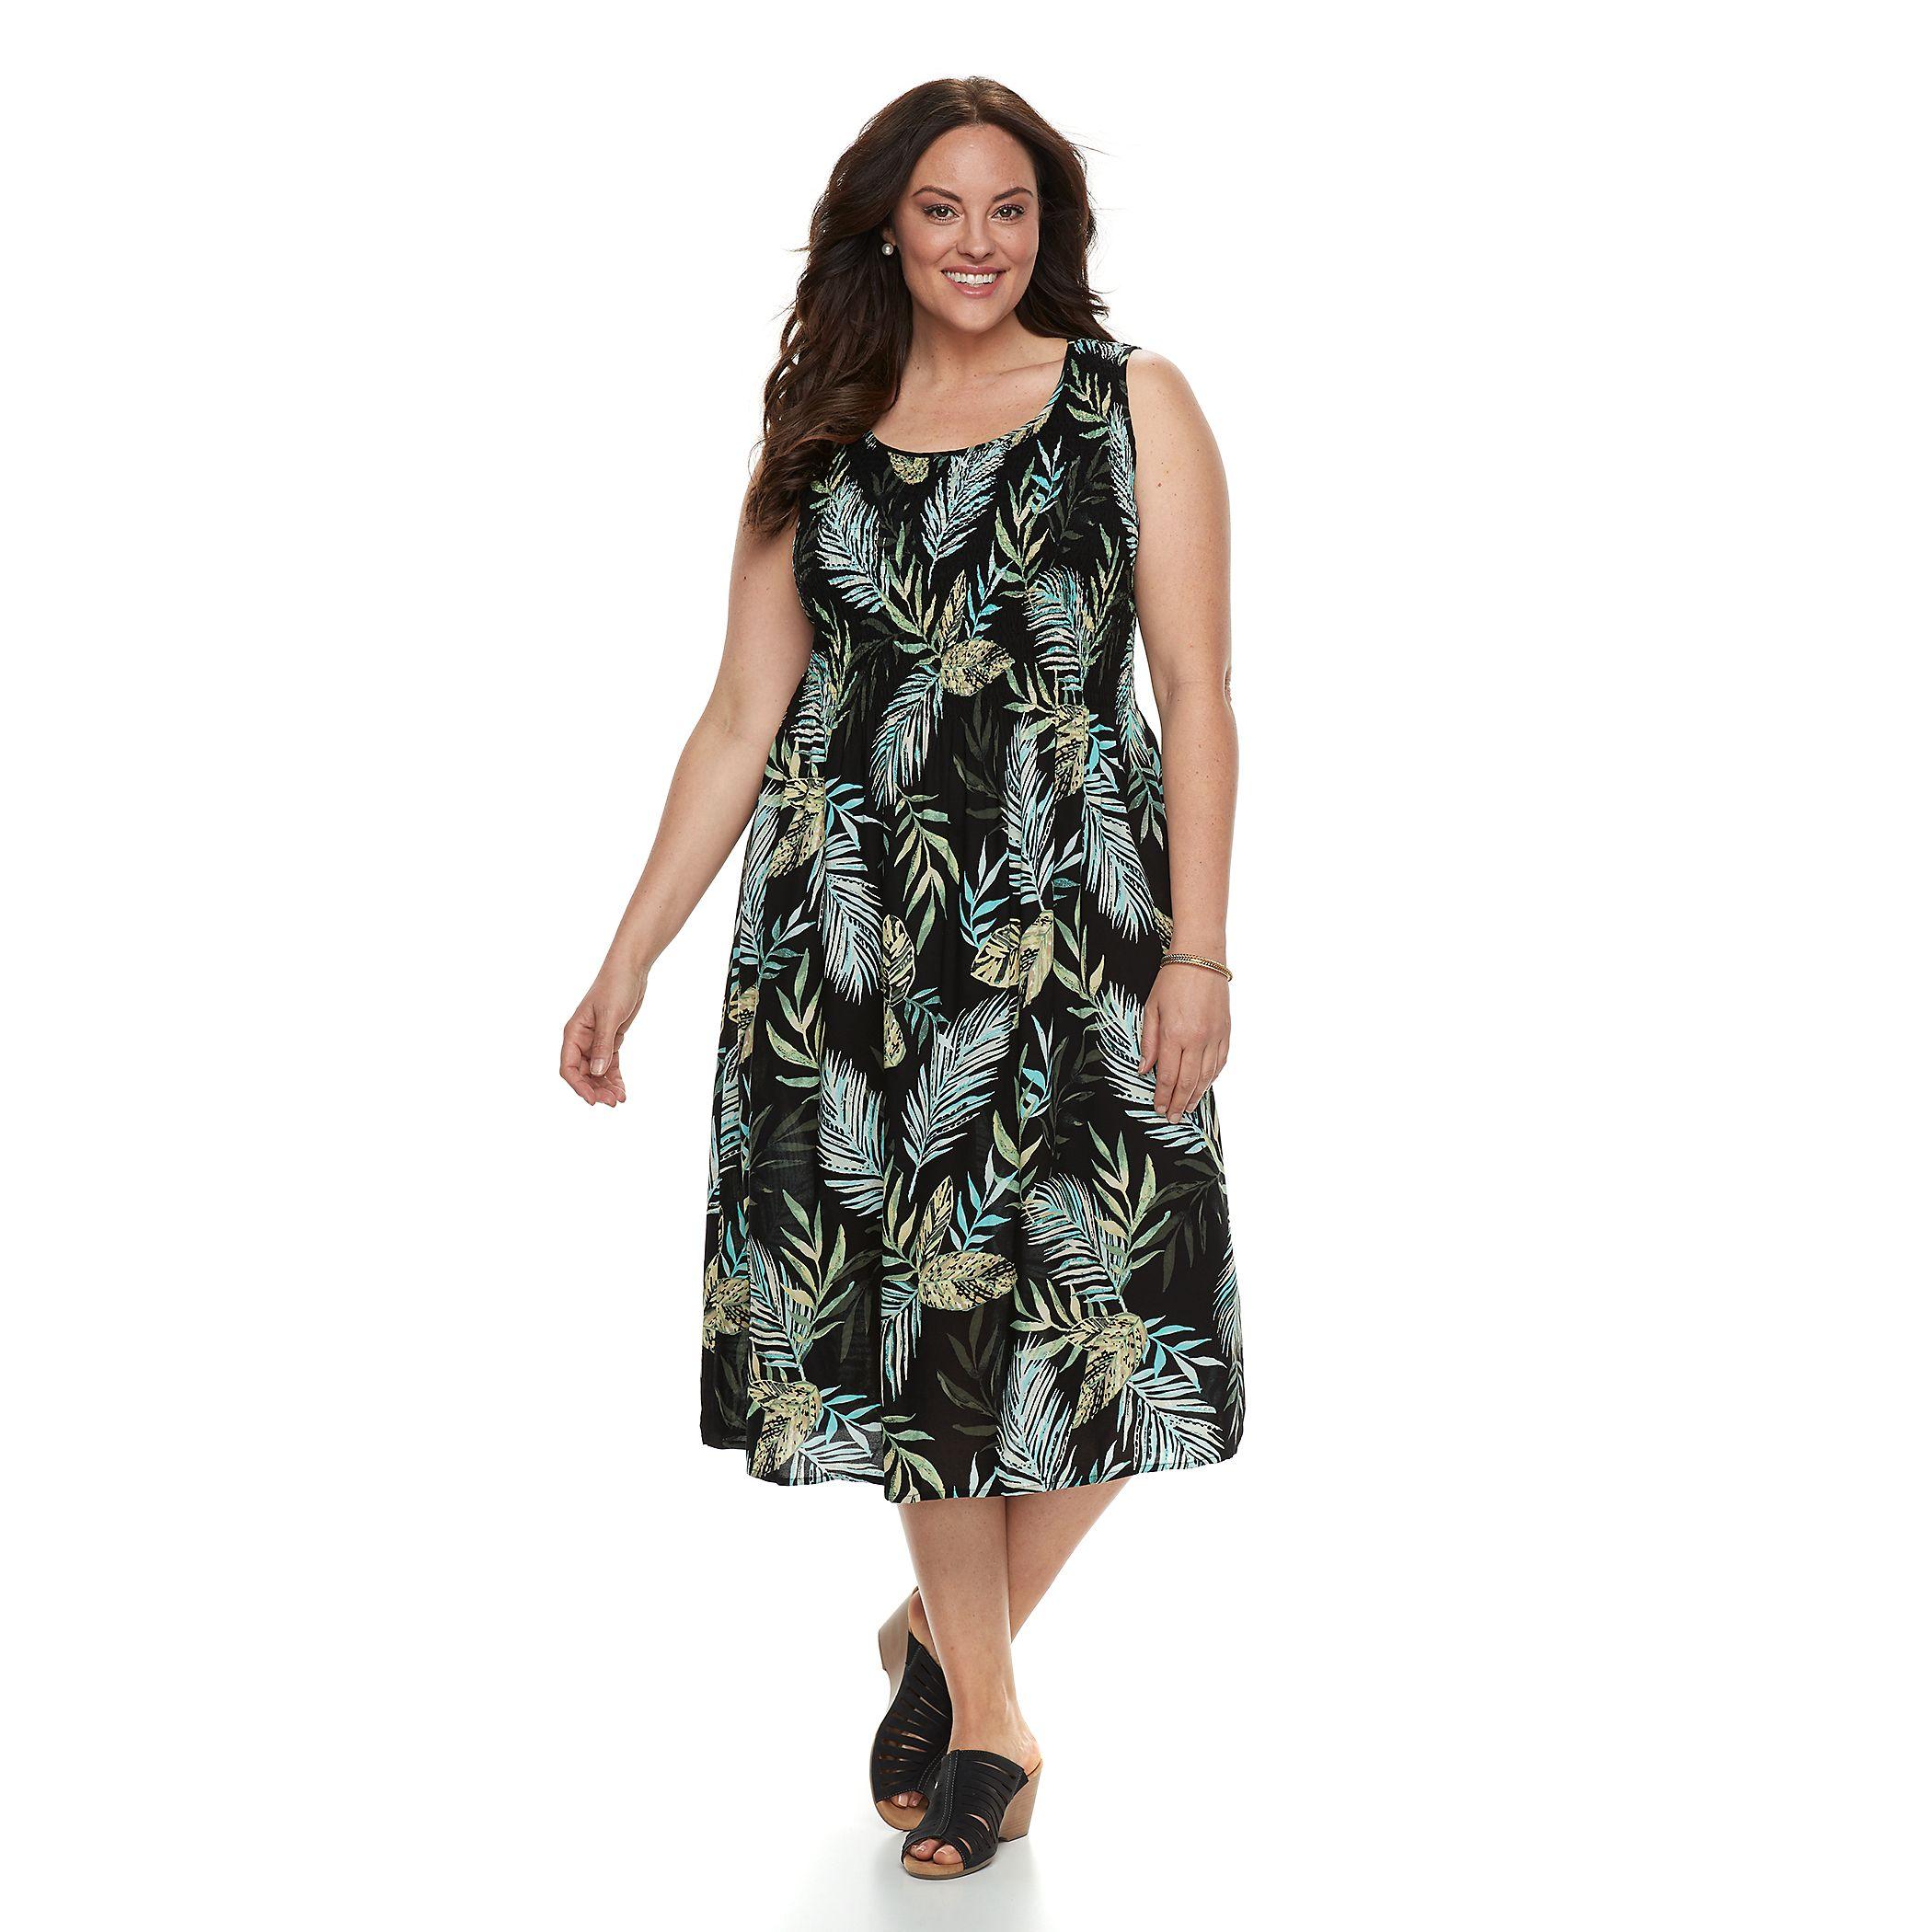 Kohl's Plus Size Maxi Dresses